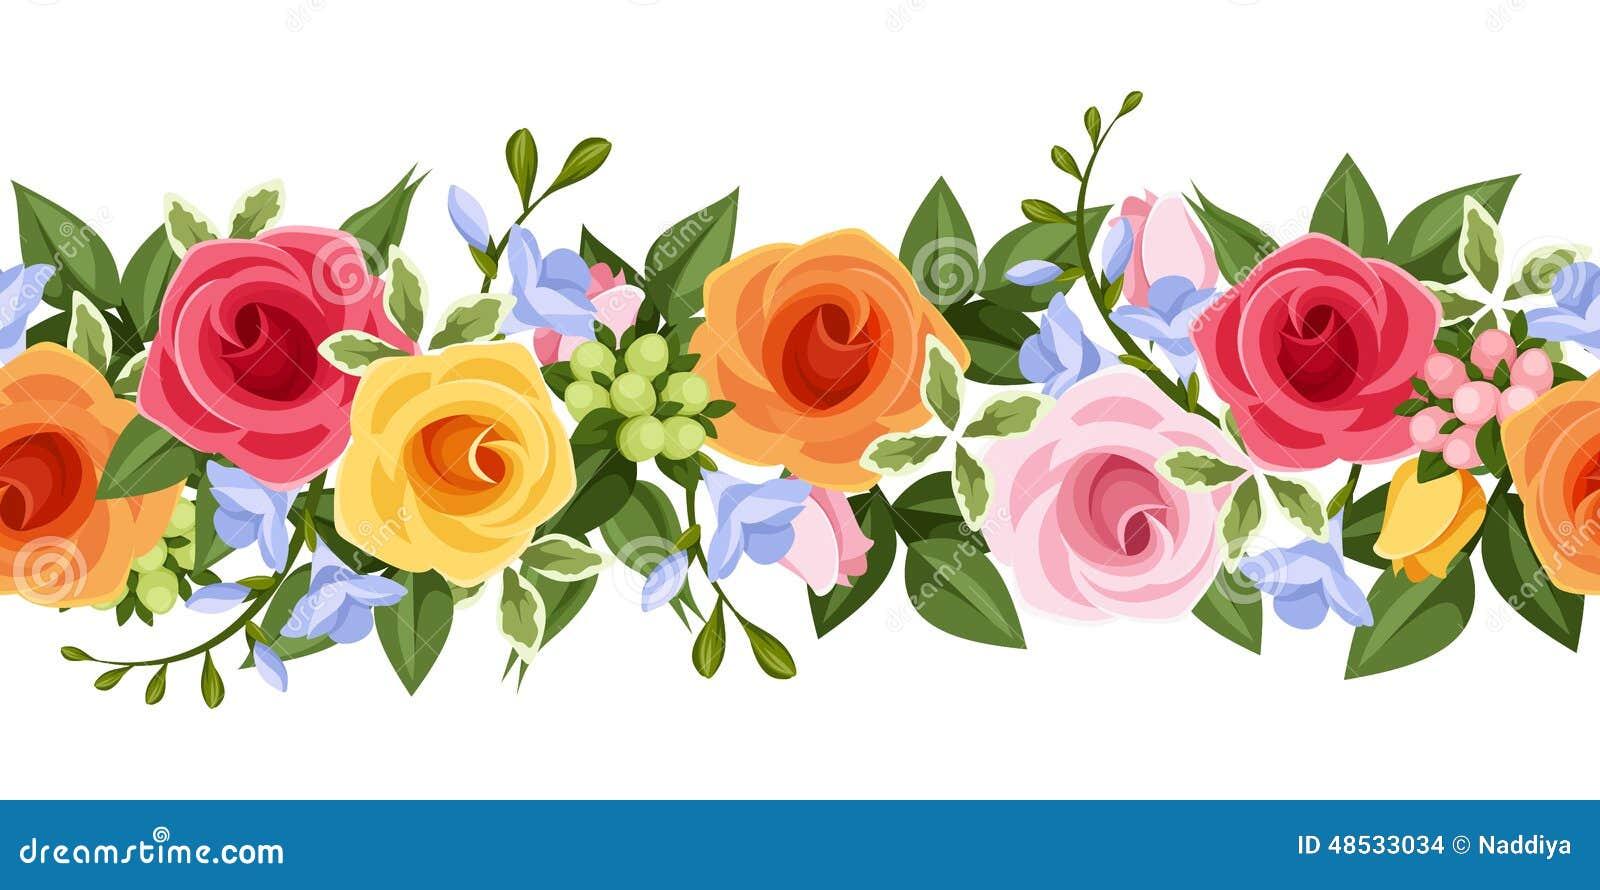 Horyzontalny bezszwowy tło z kolorowymi różami i frezją kwitnie również zwrócić corel ilustracji wektora